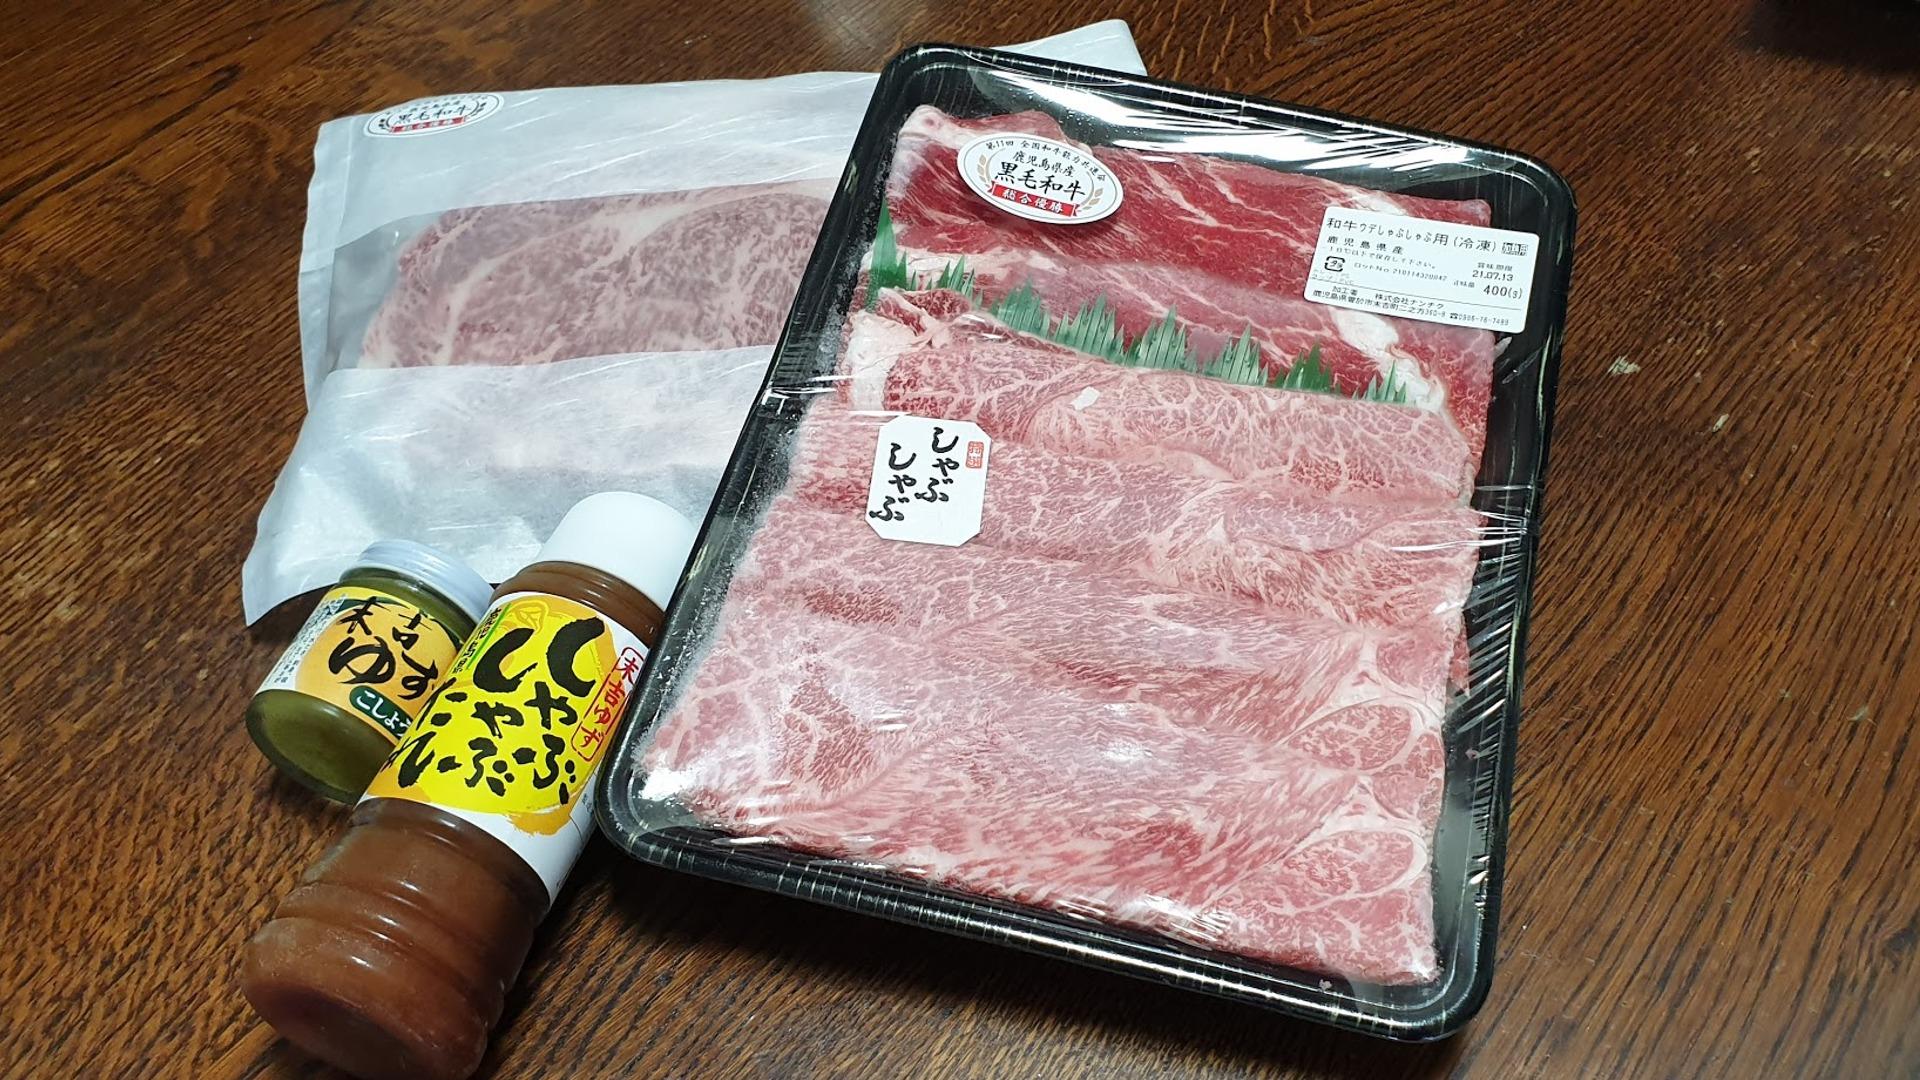 【新型コロナ対策事業所支援品】鹿児島県産和牛ロースステーキと焼きしゃぶ詰め合わせ(4等級以上)